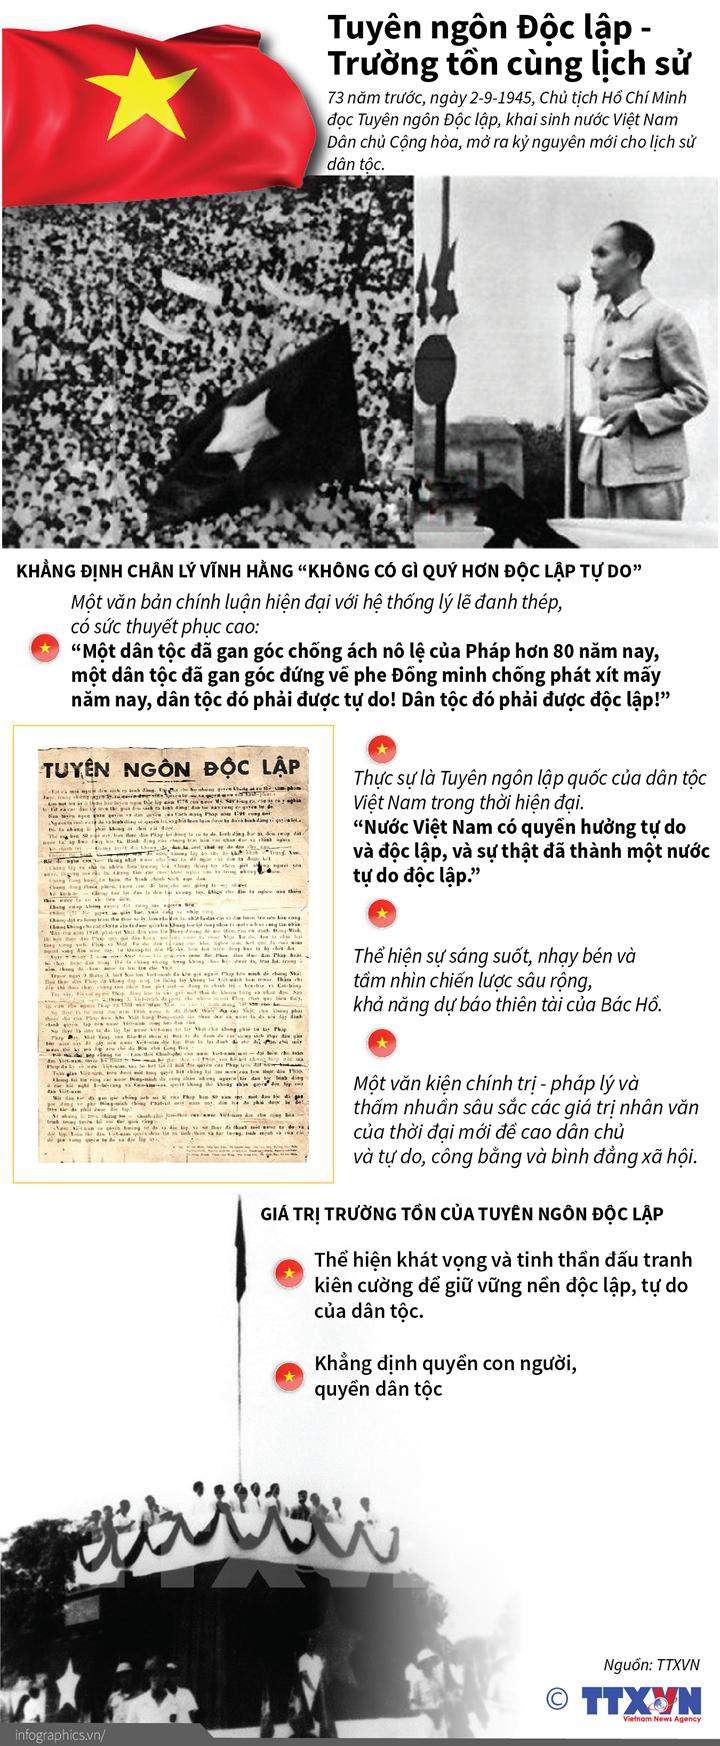 Tuyên ngôn Độc lập - Trường tồn cùng lịch sử